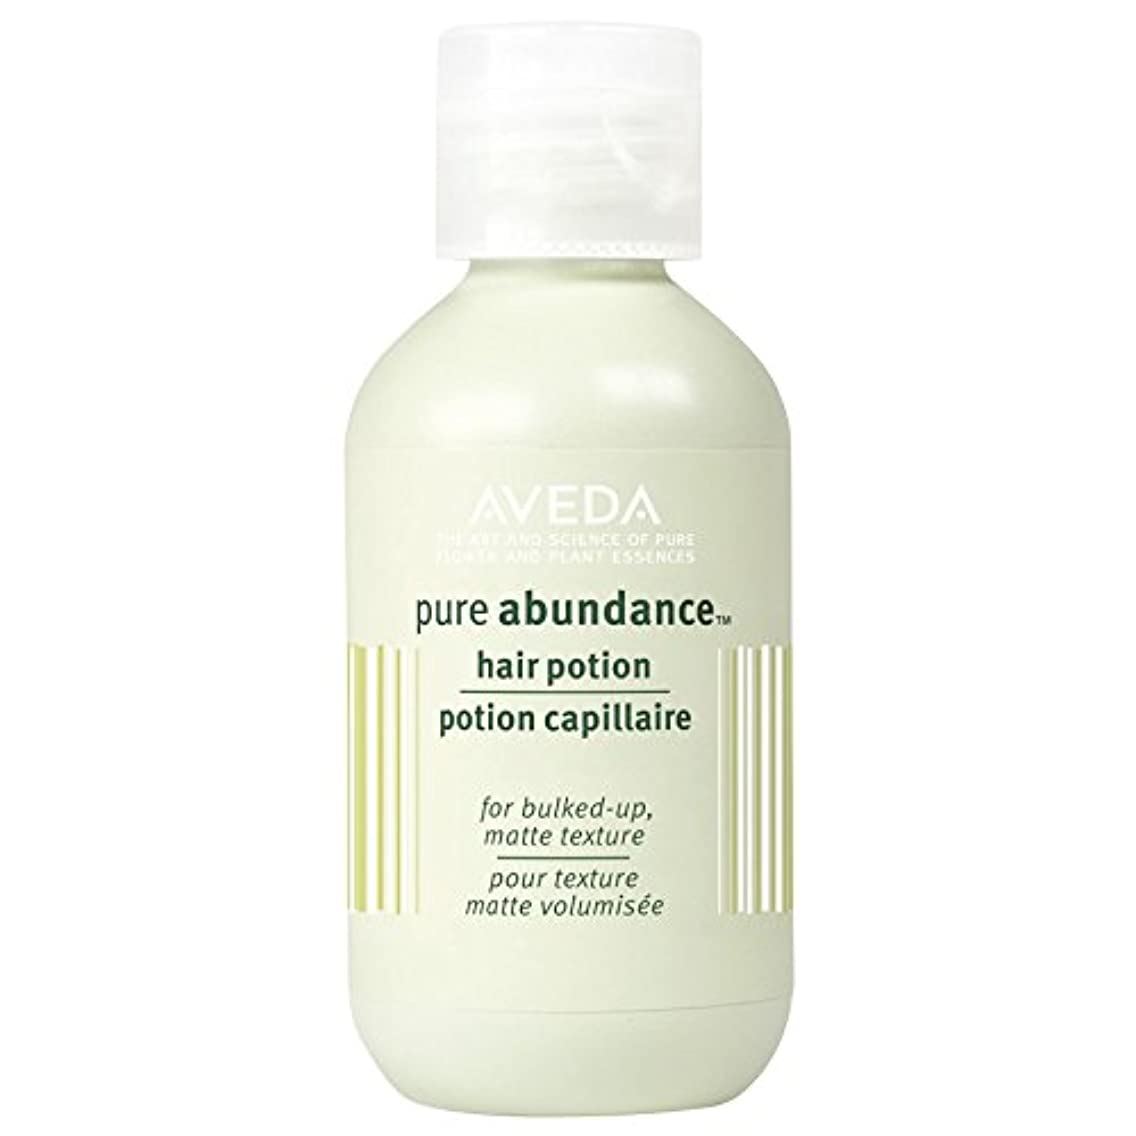 ビジョン篭最大限[AVEDA] アヴェダピュア豊富ヘアポーション20グラム - Aveda Pure Abundance Hair Potion 20g [並行輸入品]